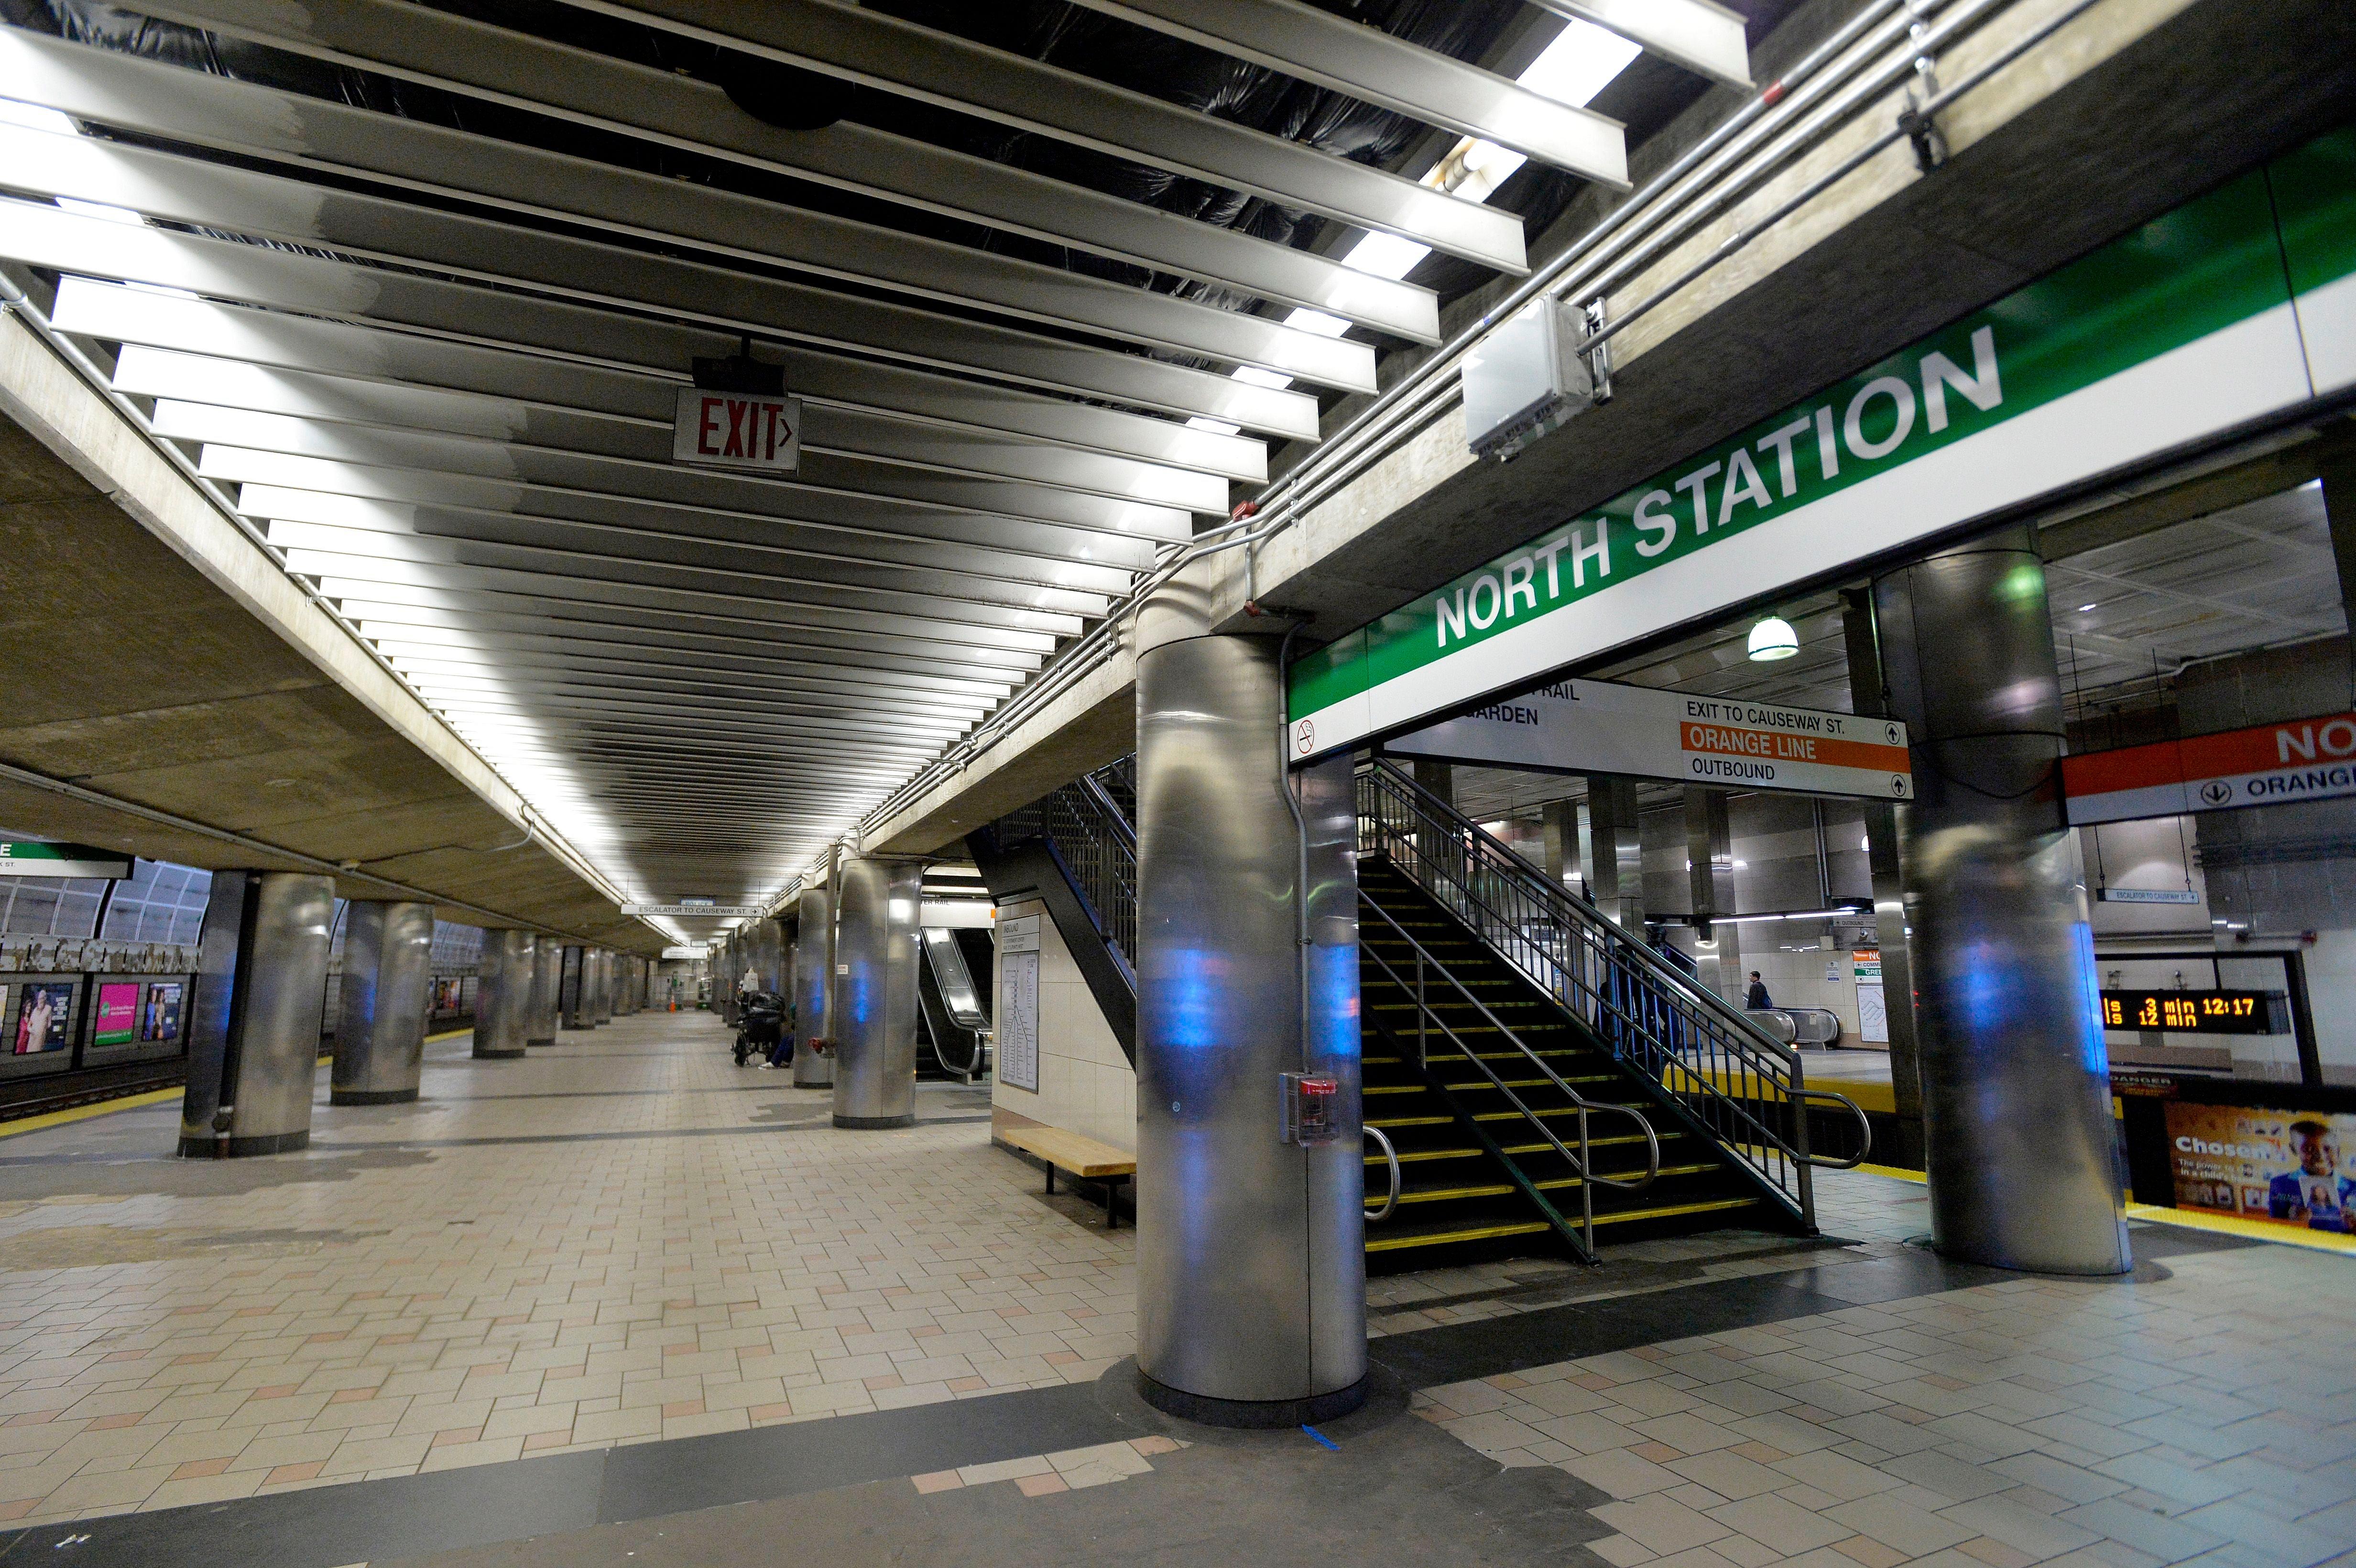 north station